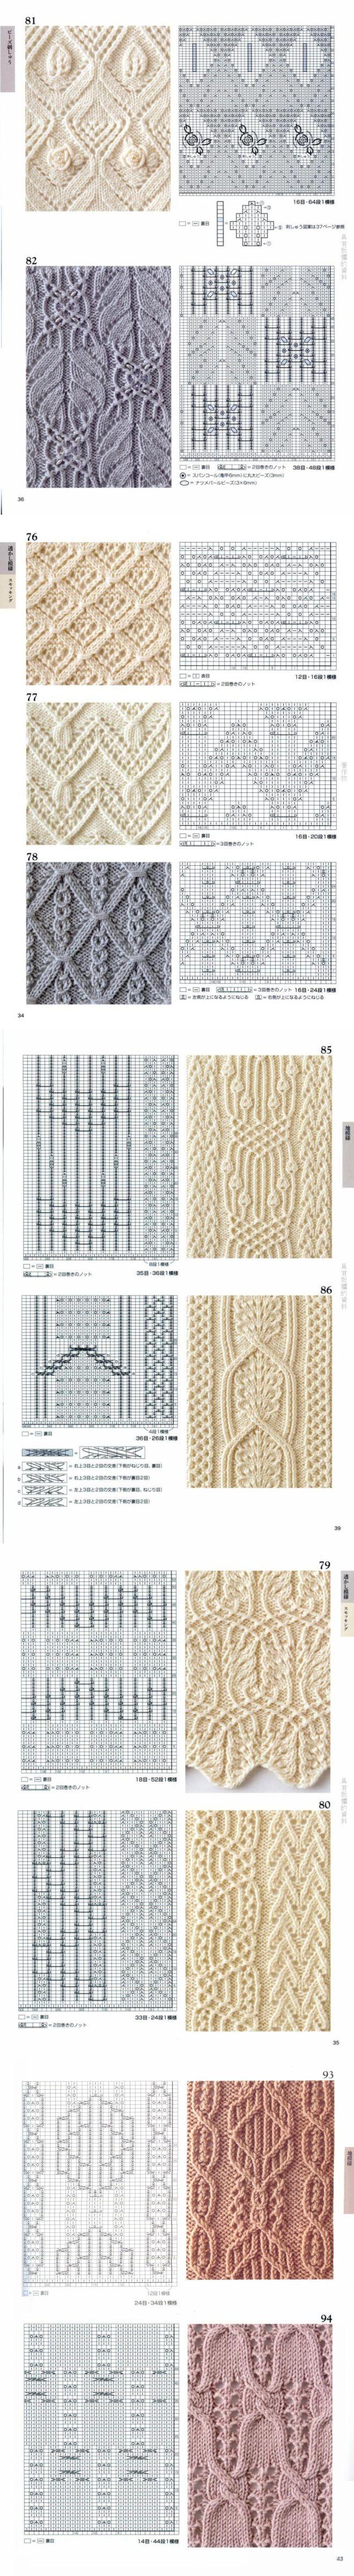 Japonské síťované vzory - část №4 - Módní pletení